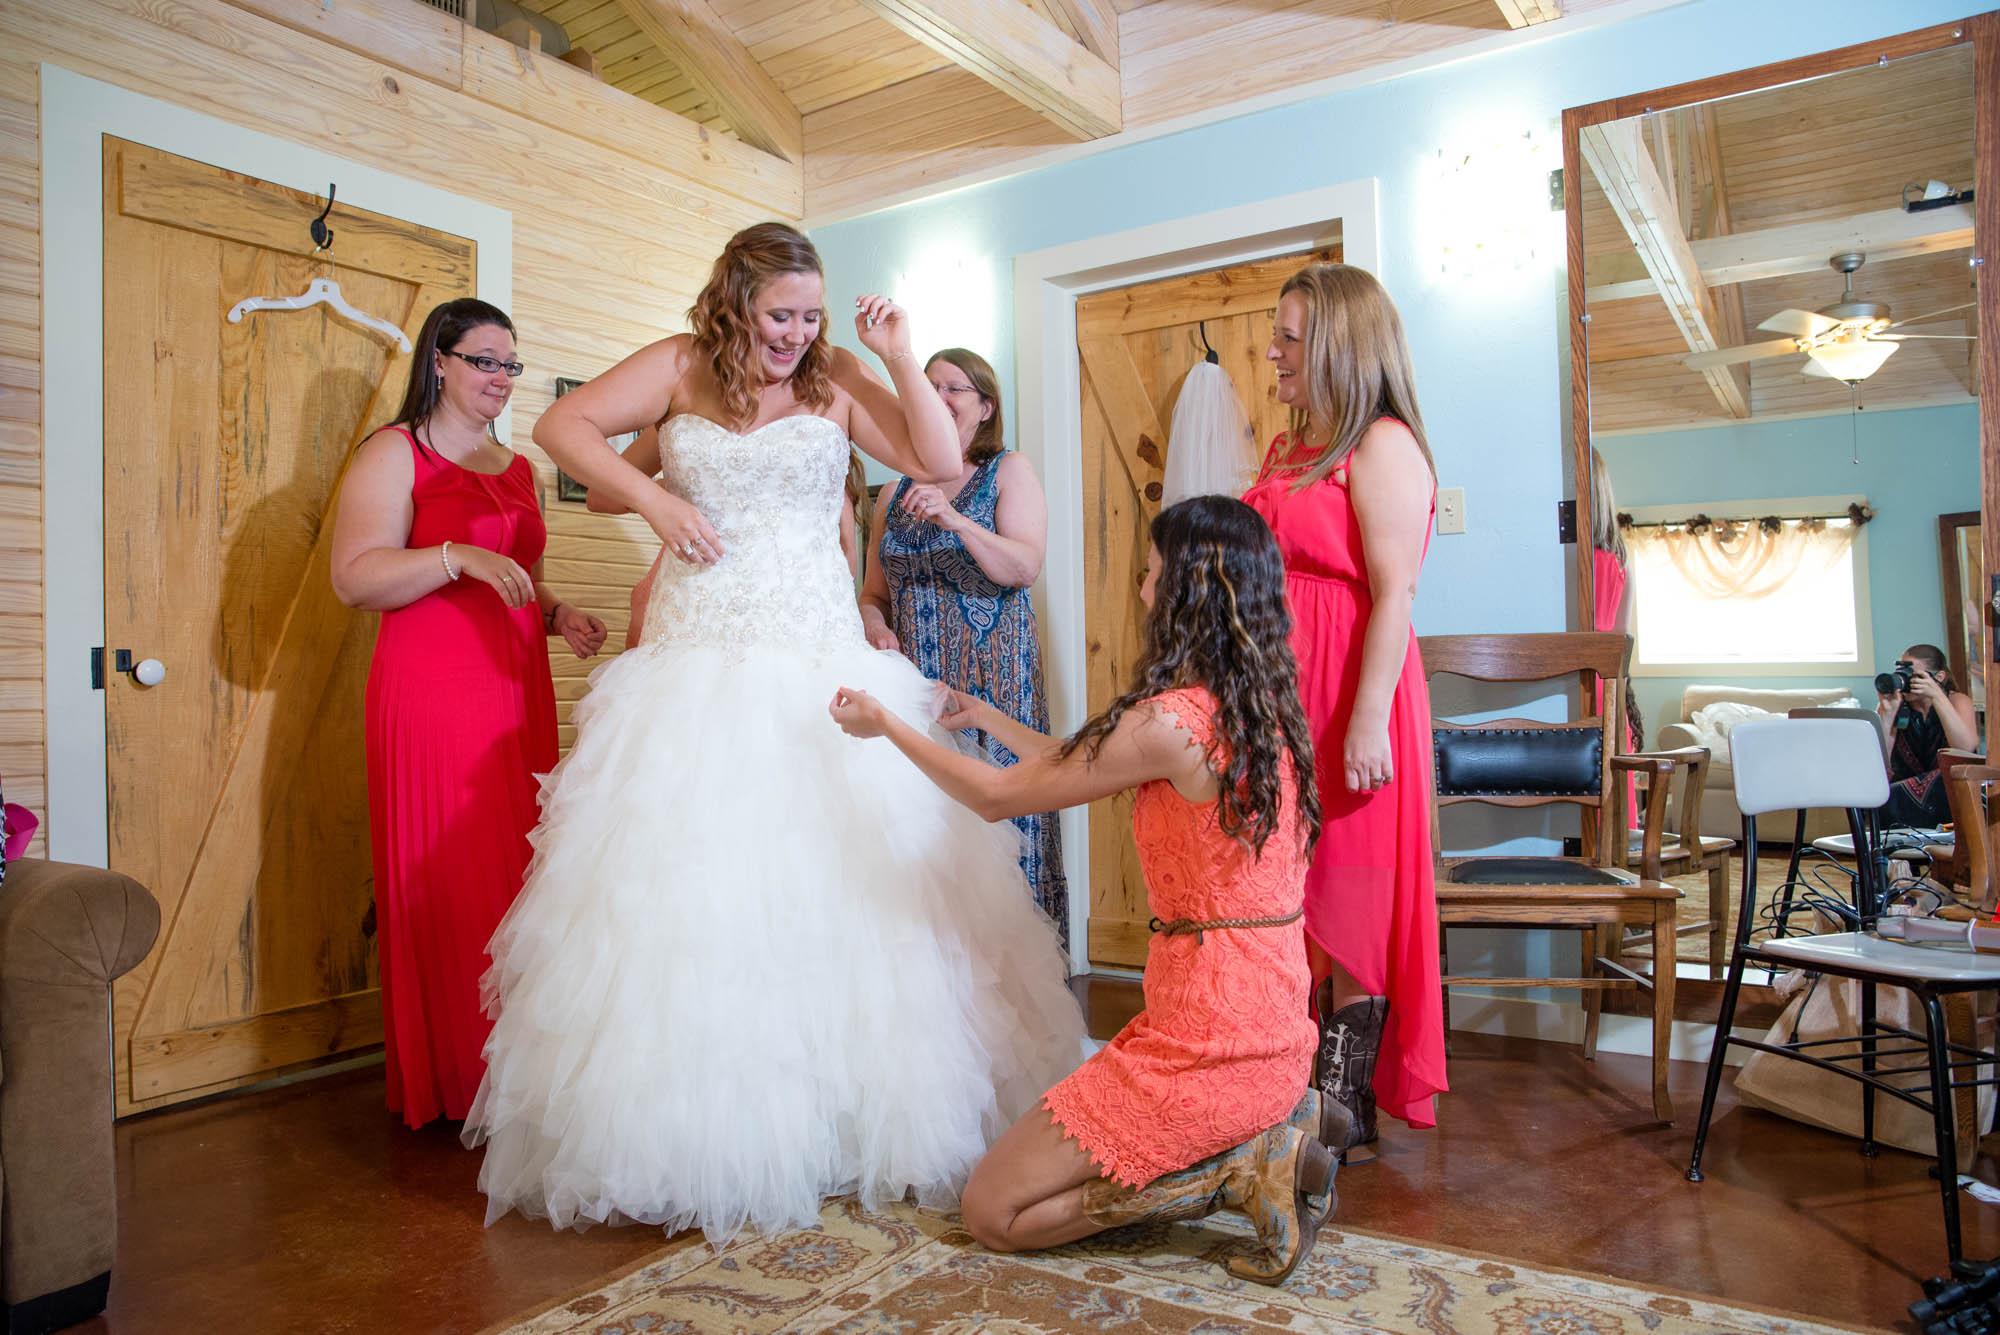 Stephanie Ray Wedding PhotographyDSC_3759.jpg